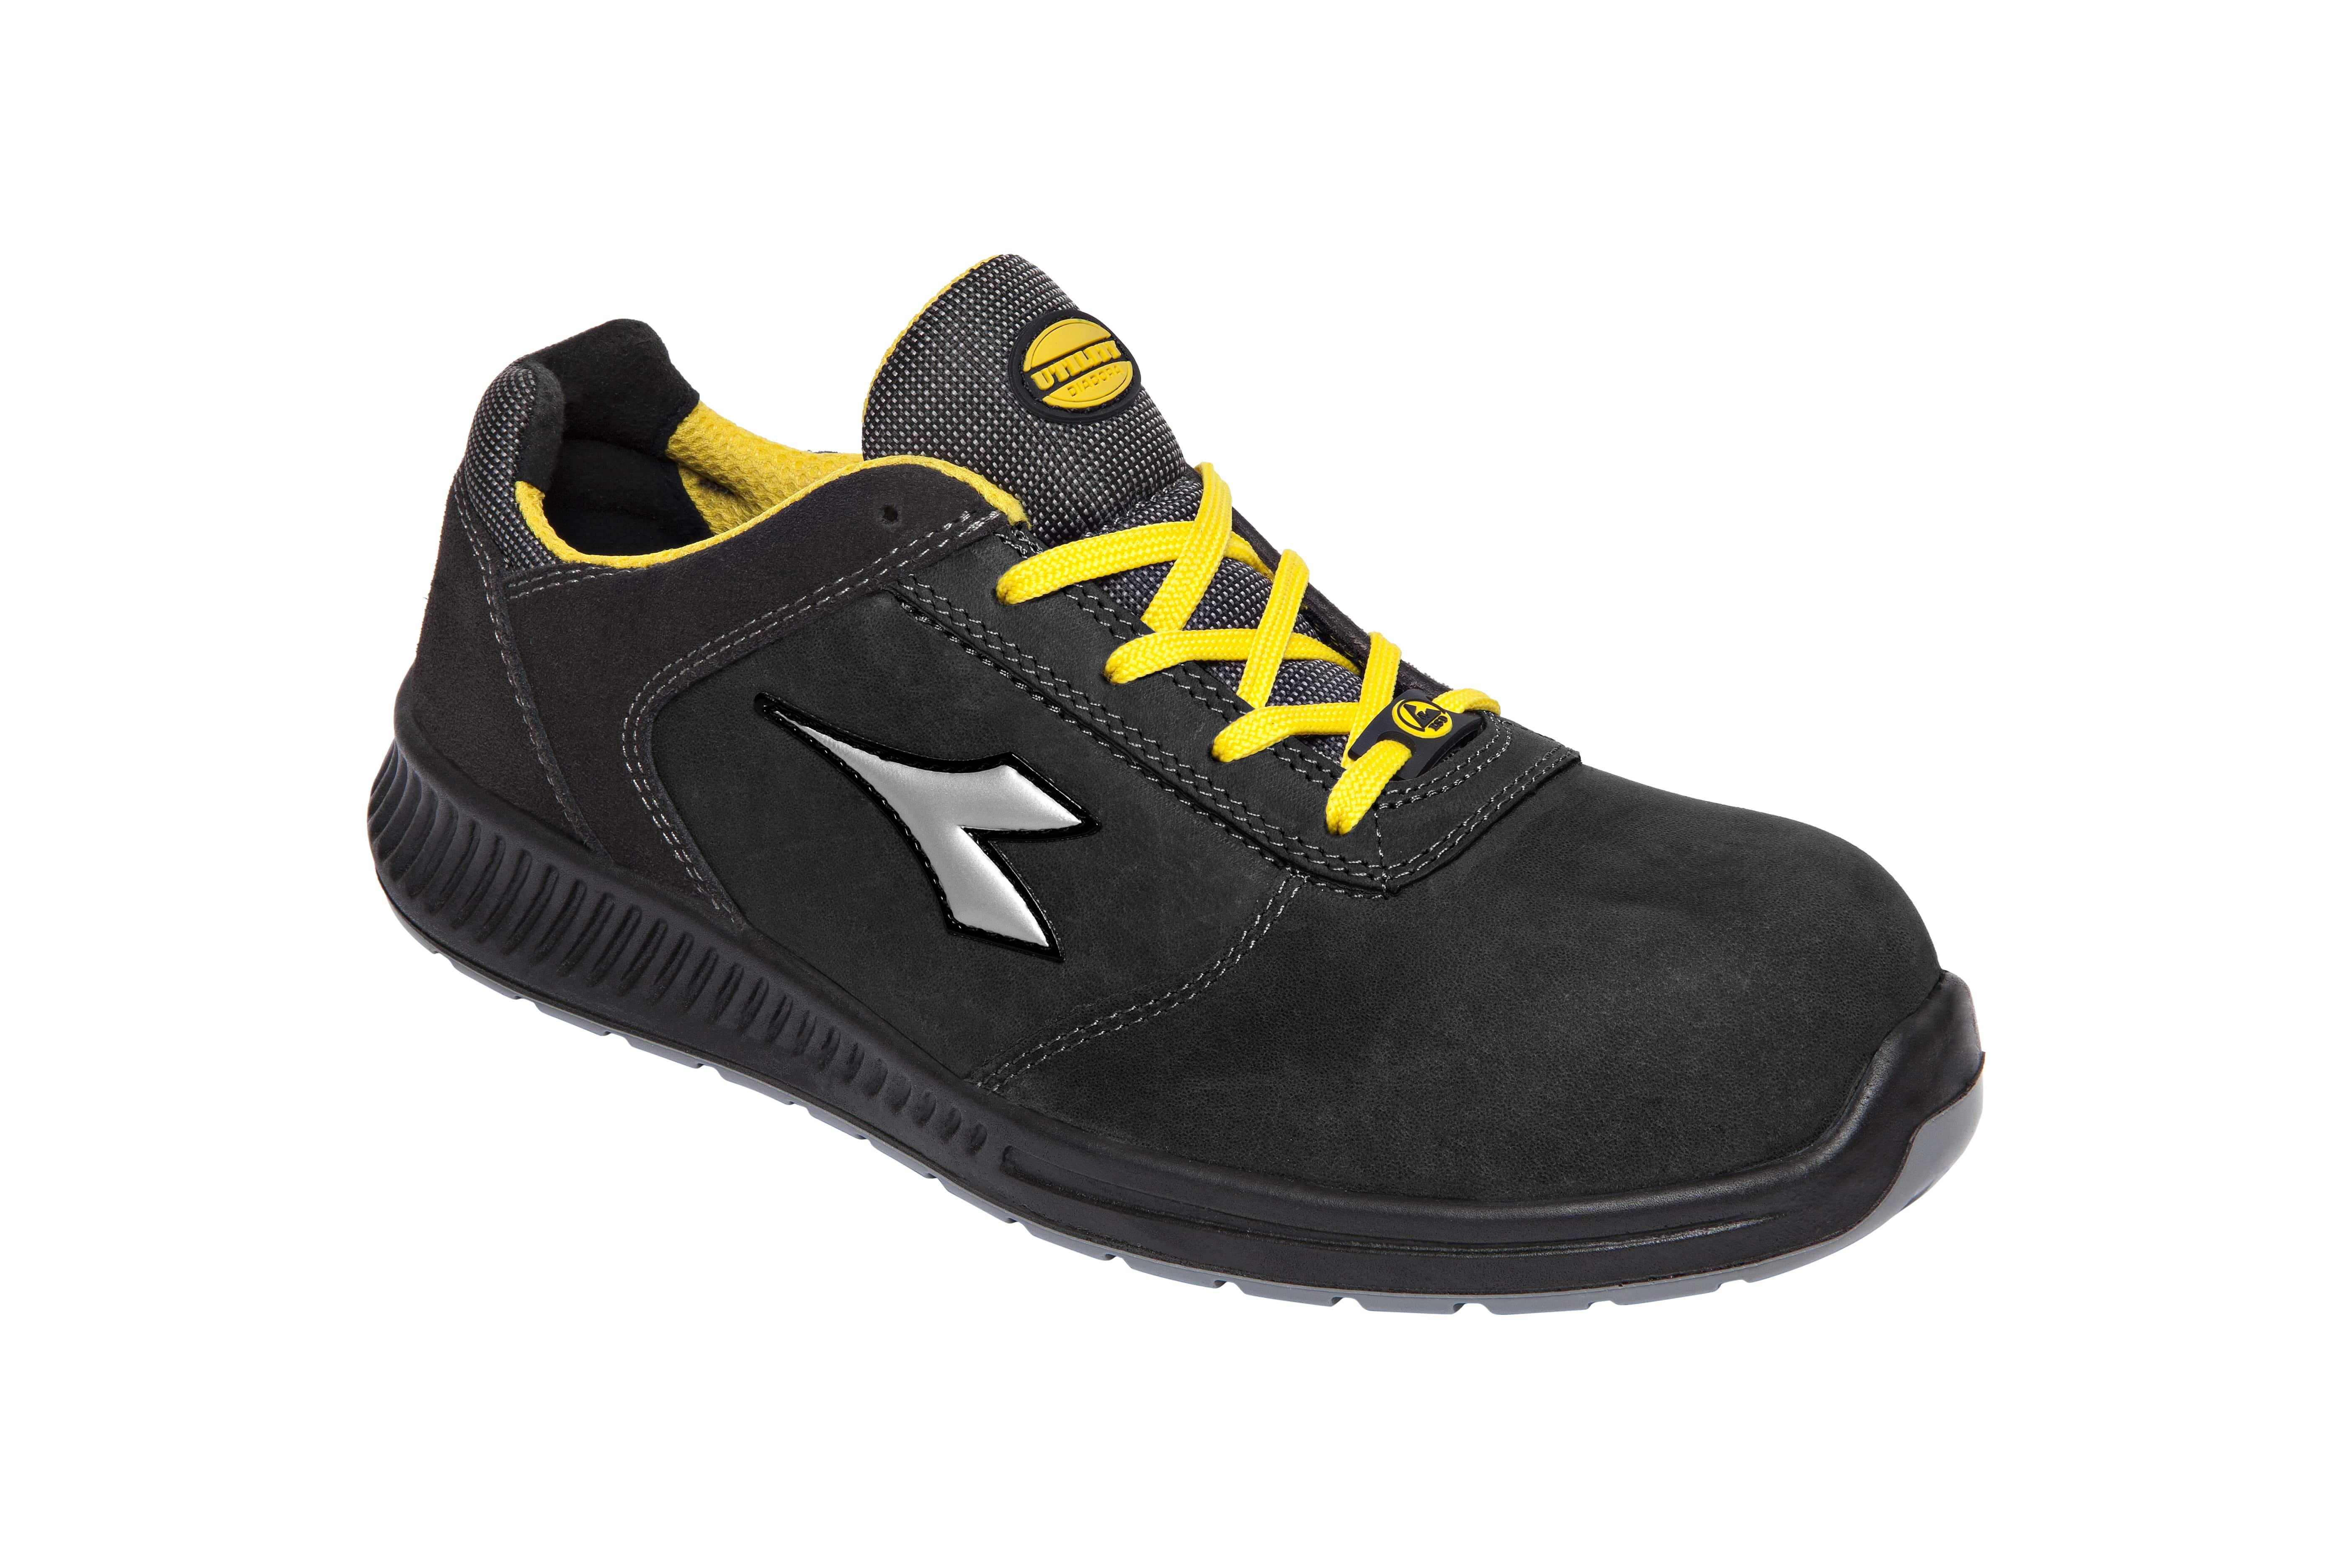 3b3271695fa Zapatos de seguridad antiestáticos ESD